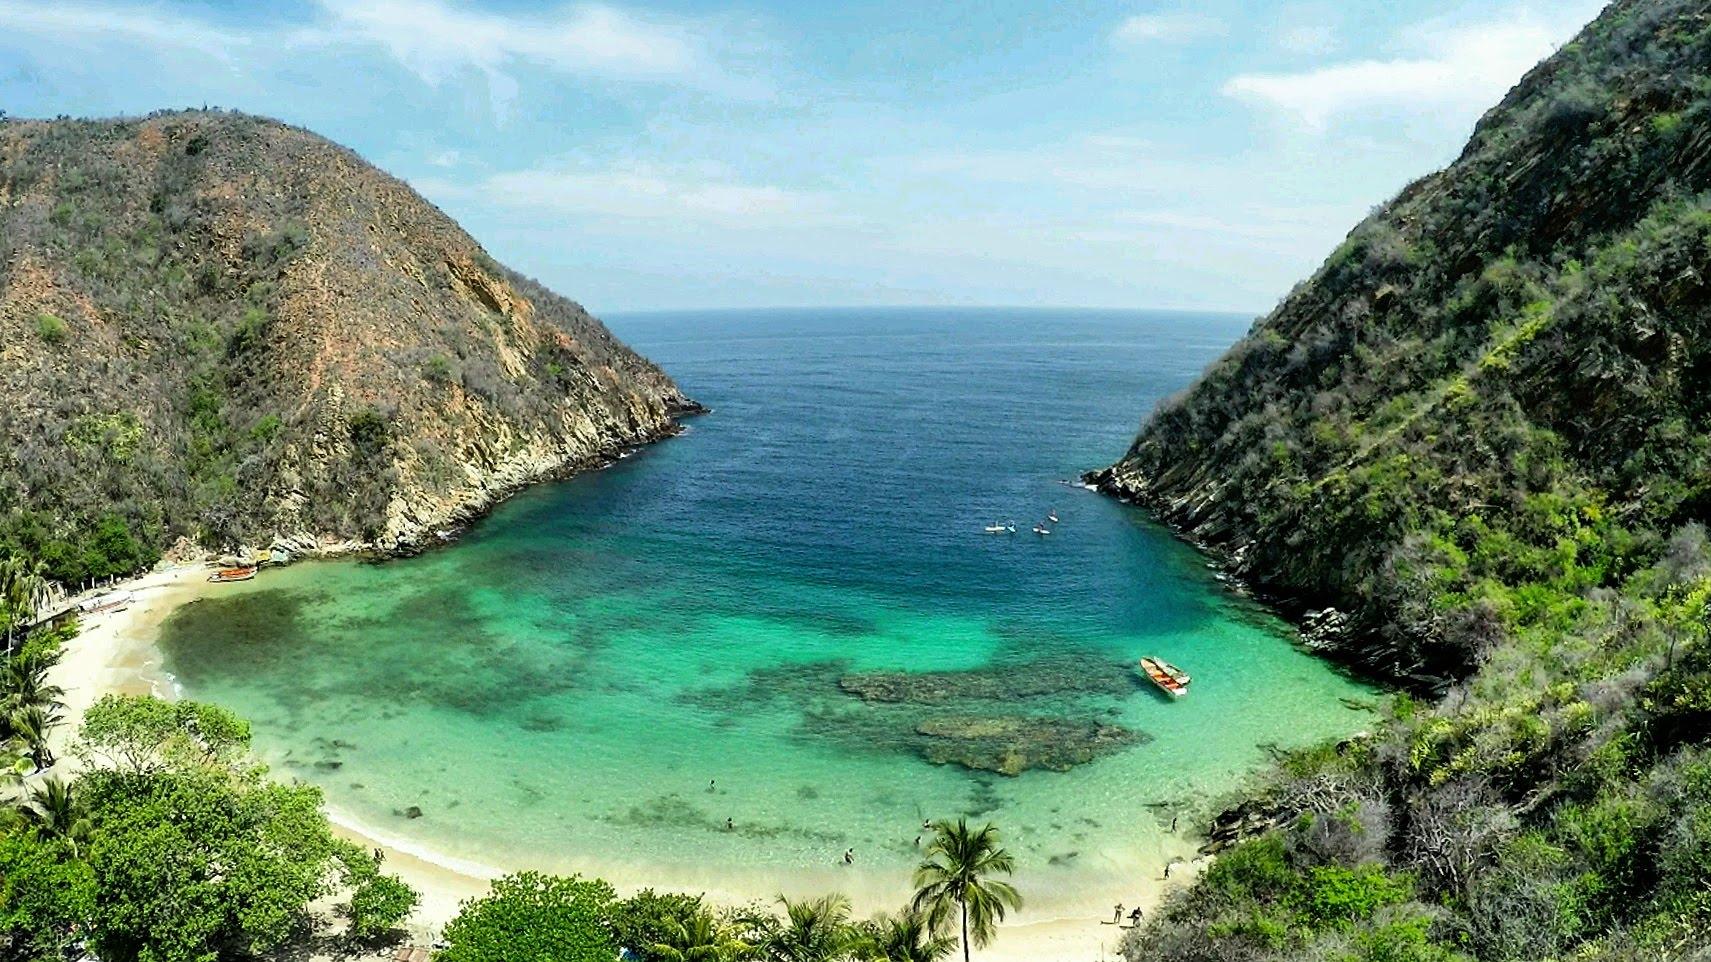 playa de color verde esmeralda